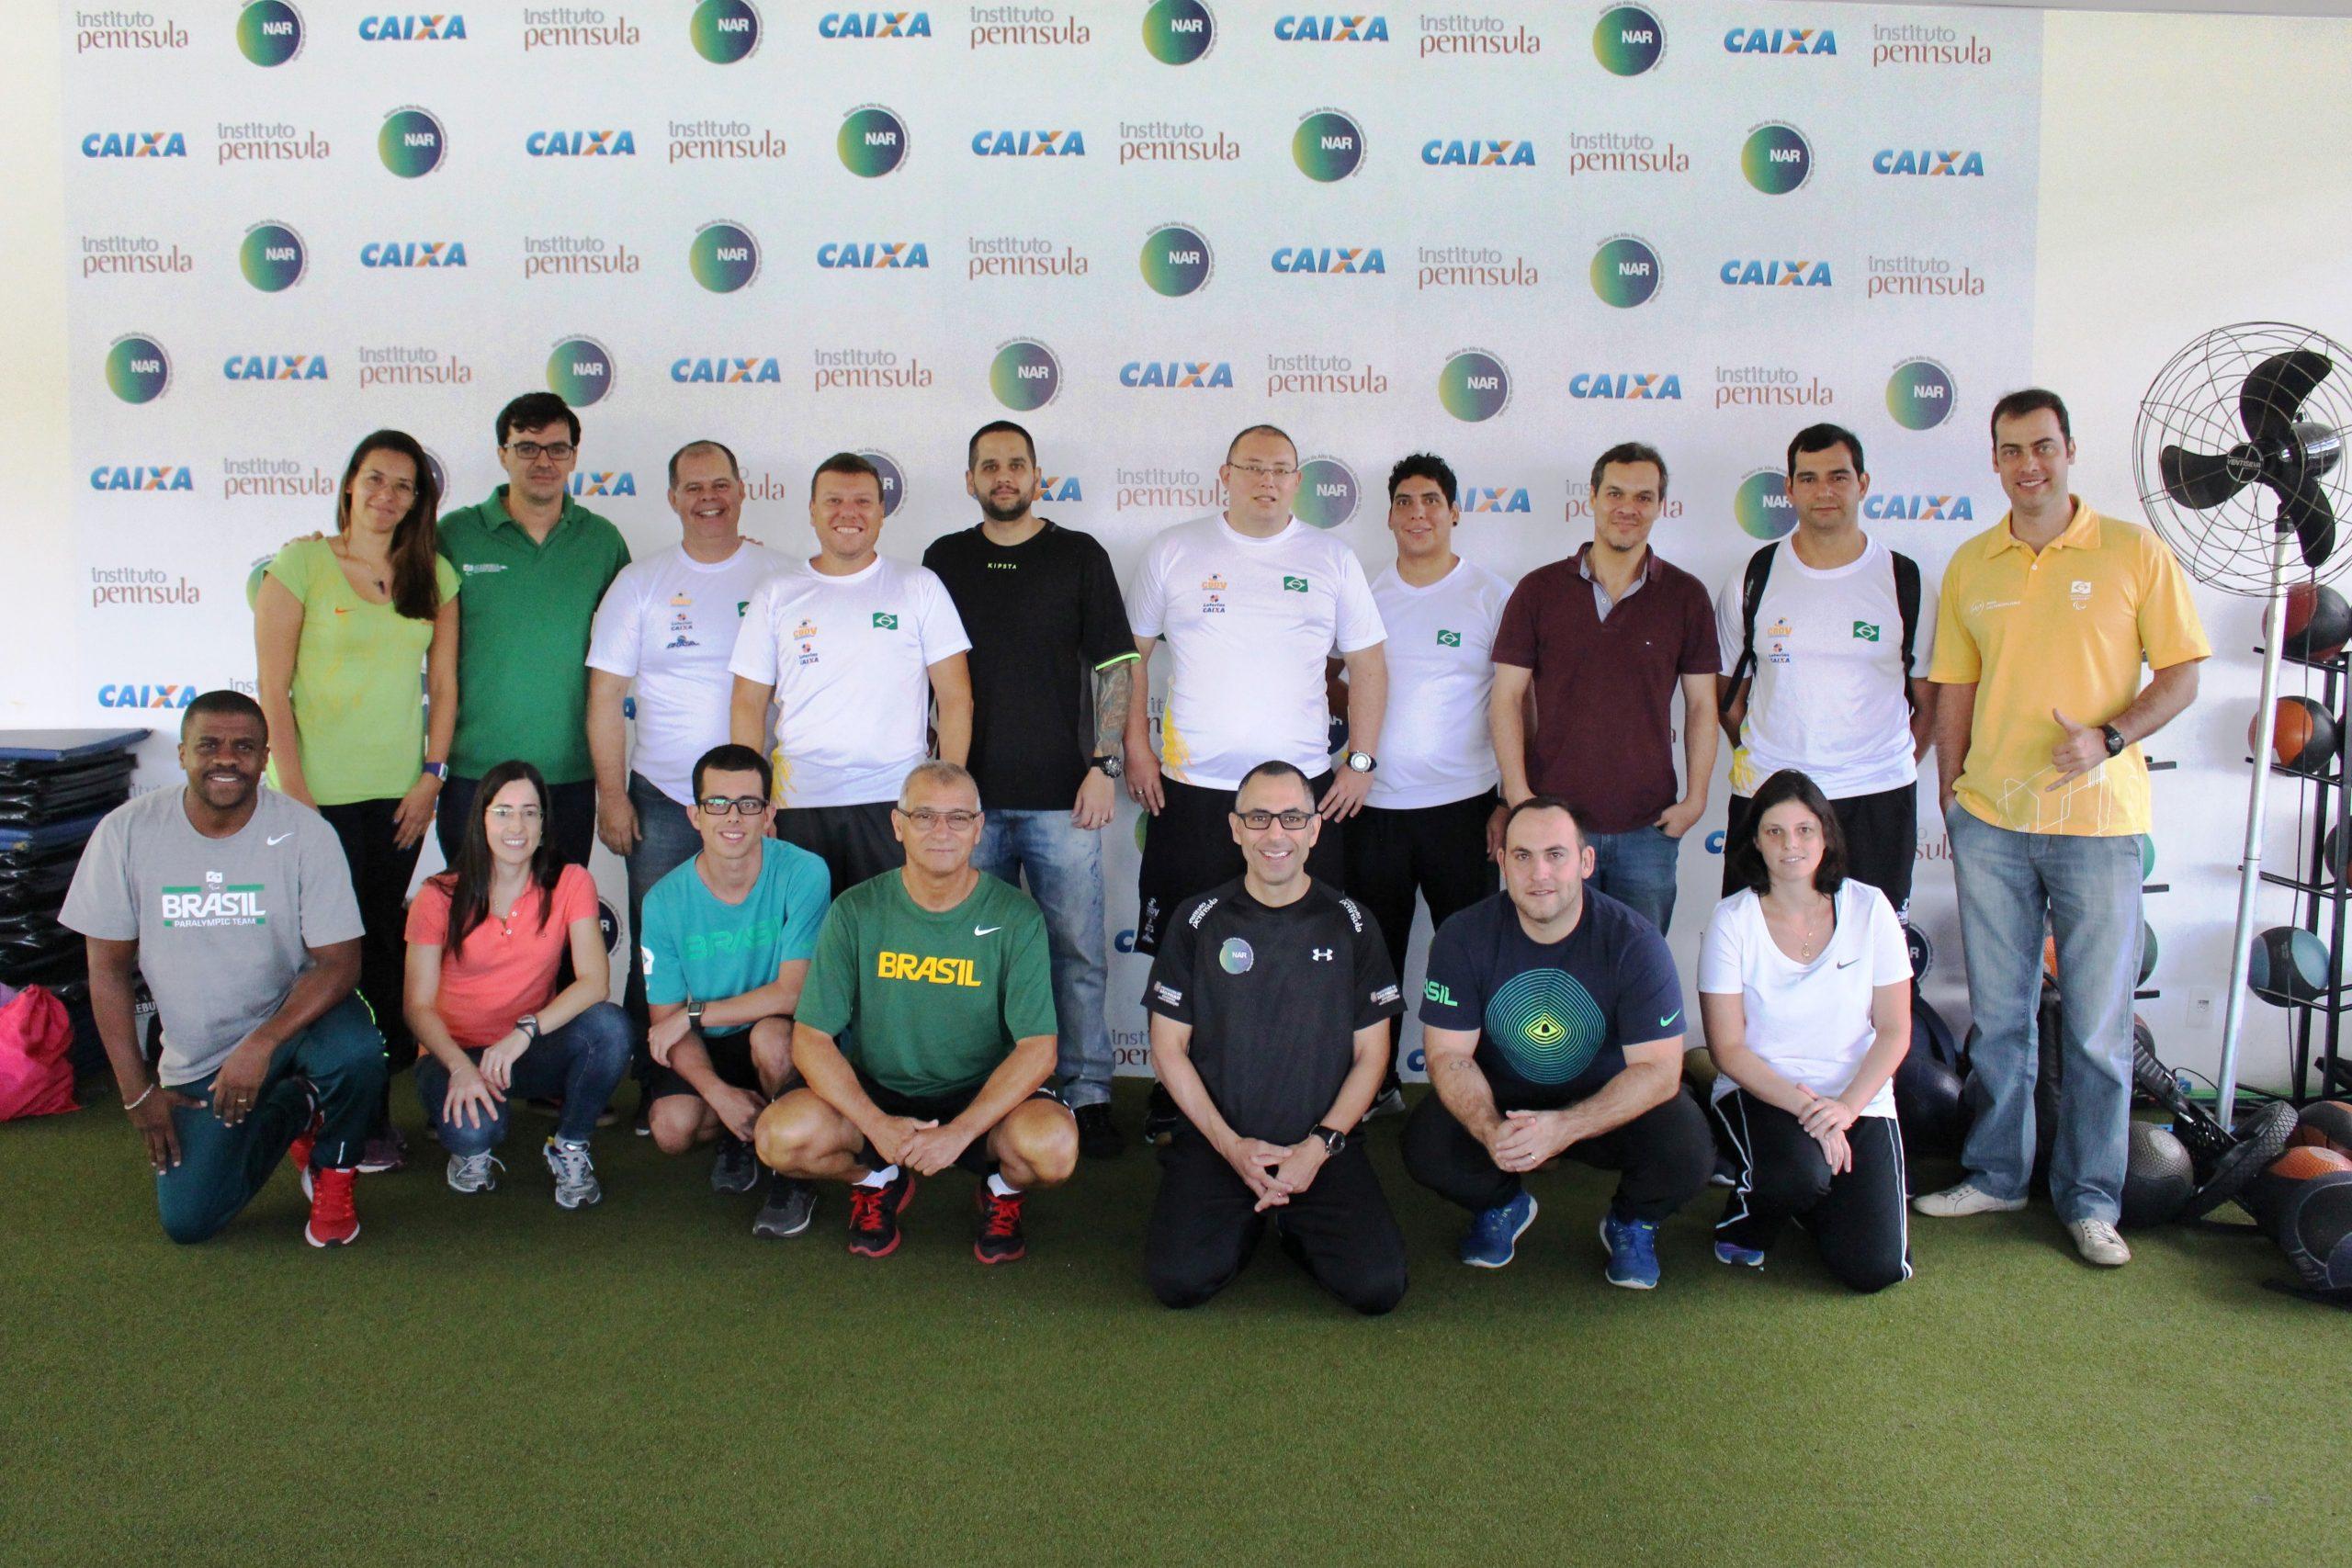 Técnicos das principais seleções paralímpicas se reúnem no NAR-SP para palestras